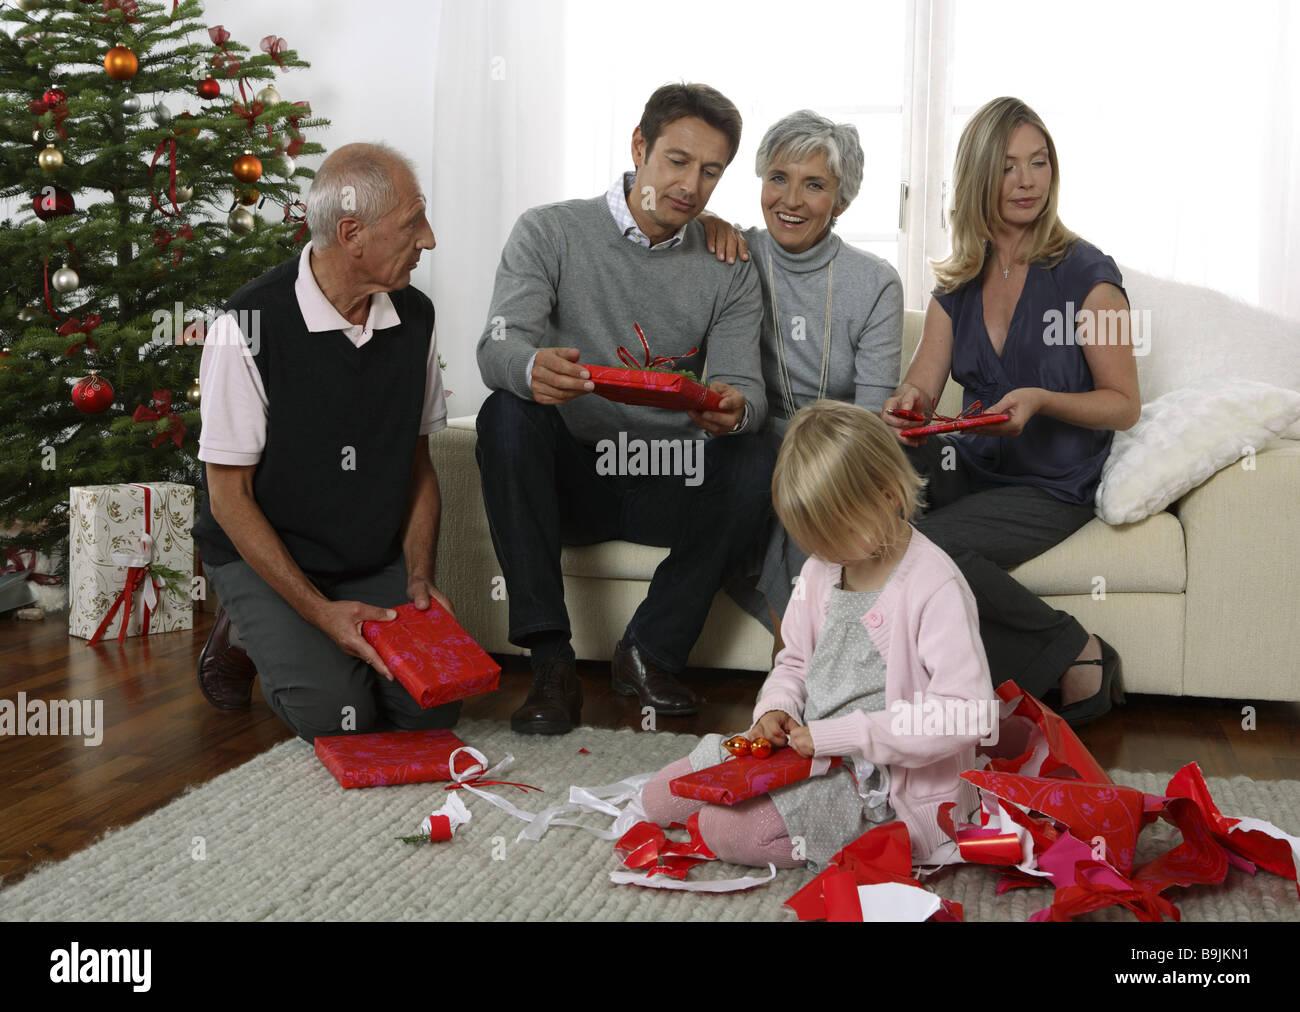 Foto Di Natale Anni 60.Natale In Famiglia Regali Di Natale Il Disimballaggio Tree Soggiorno